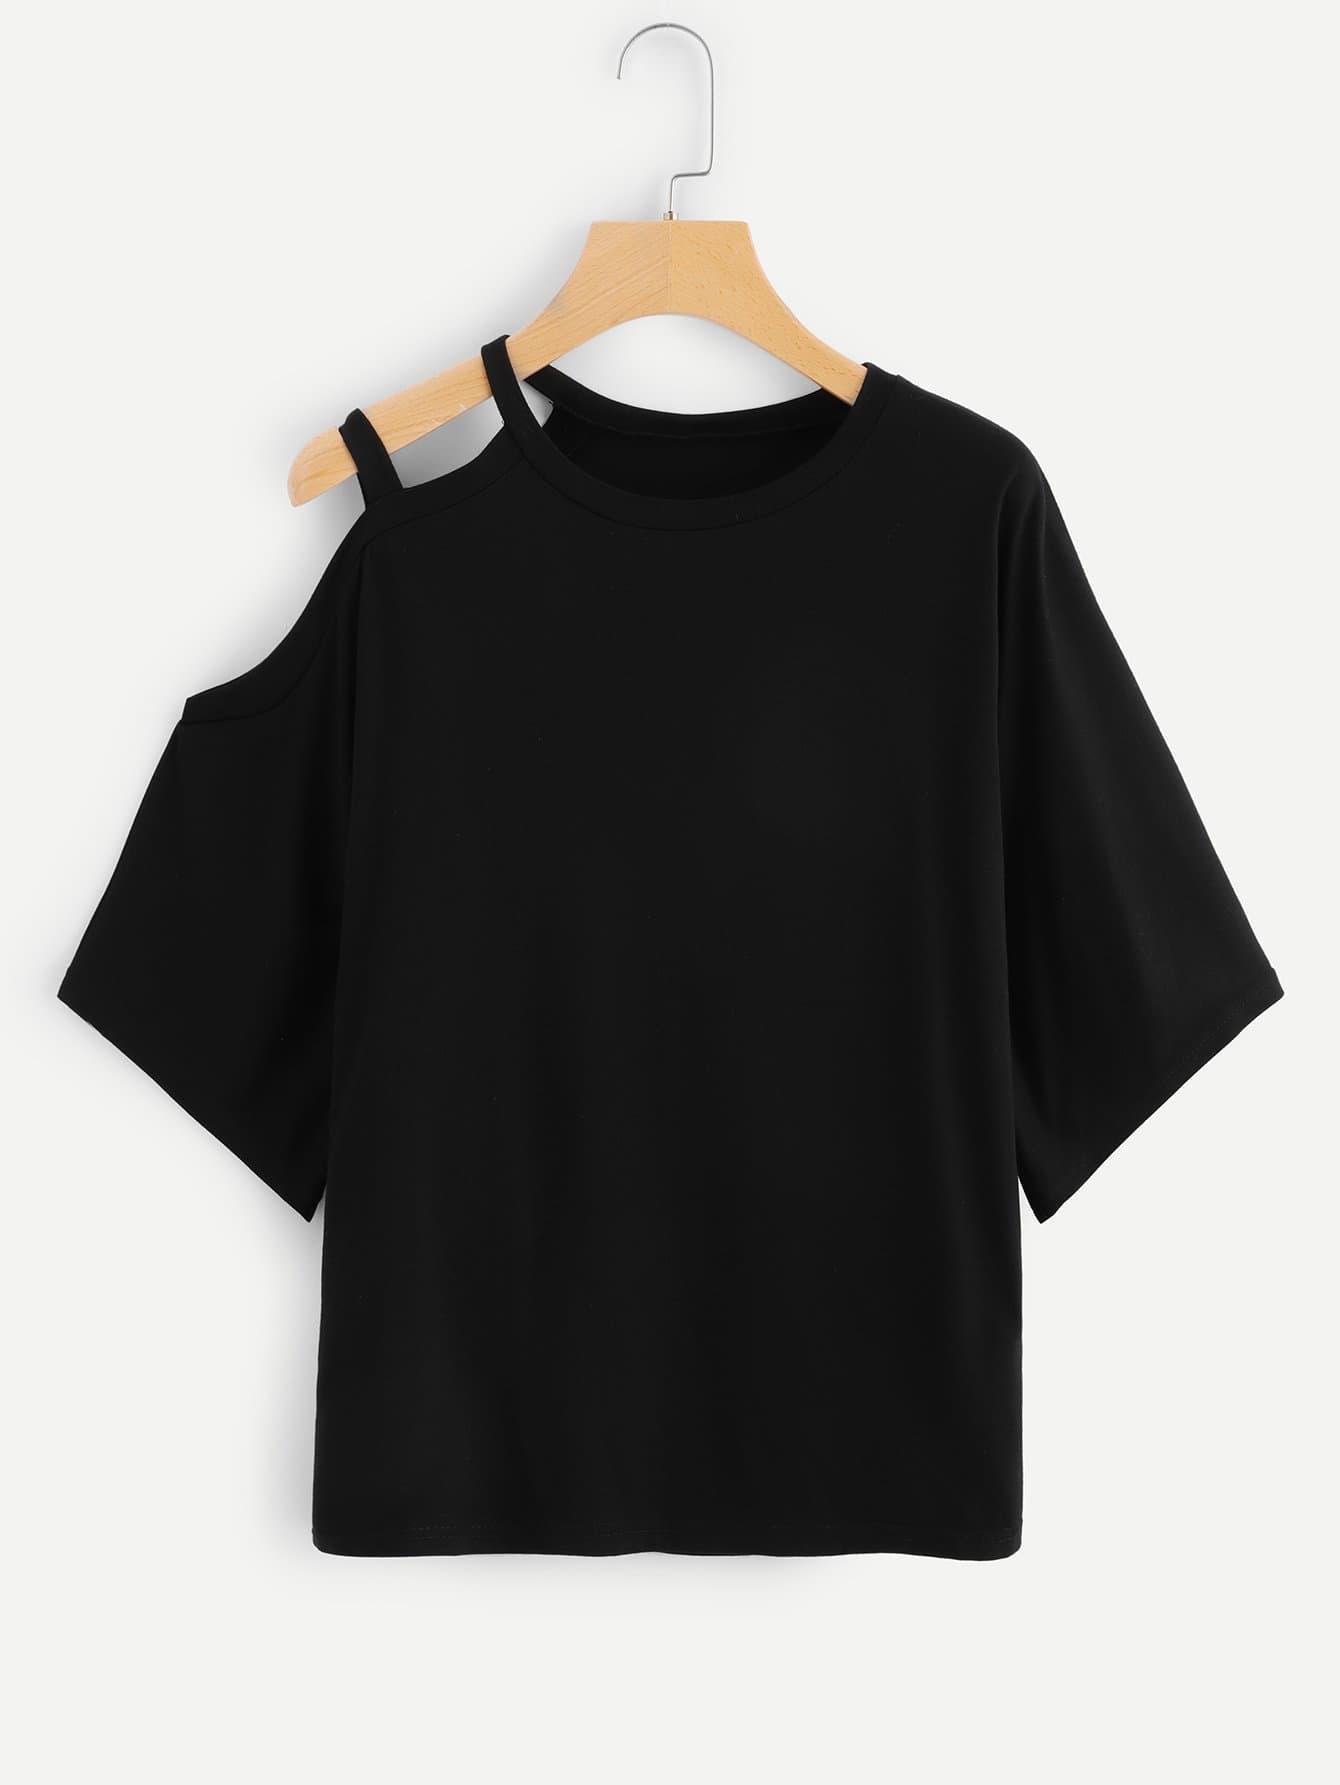 Купить Однотонная футболка с одним плечом и вырезами, null, SheIn